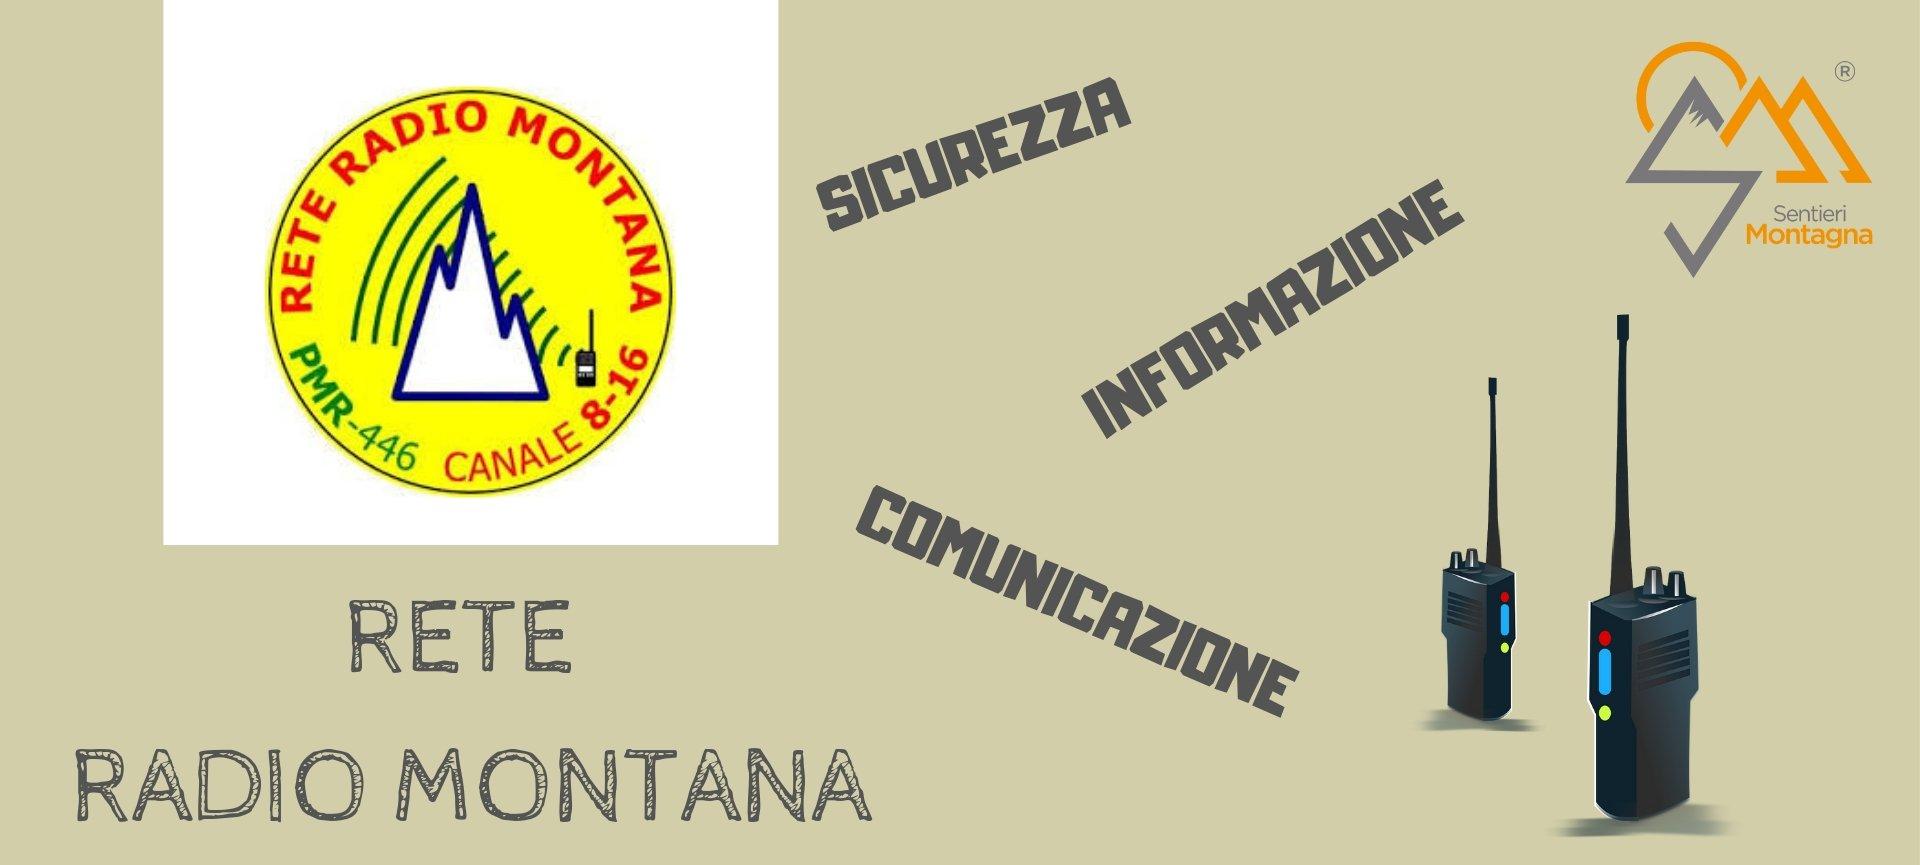 Rete radio Montana: cos'è